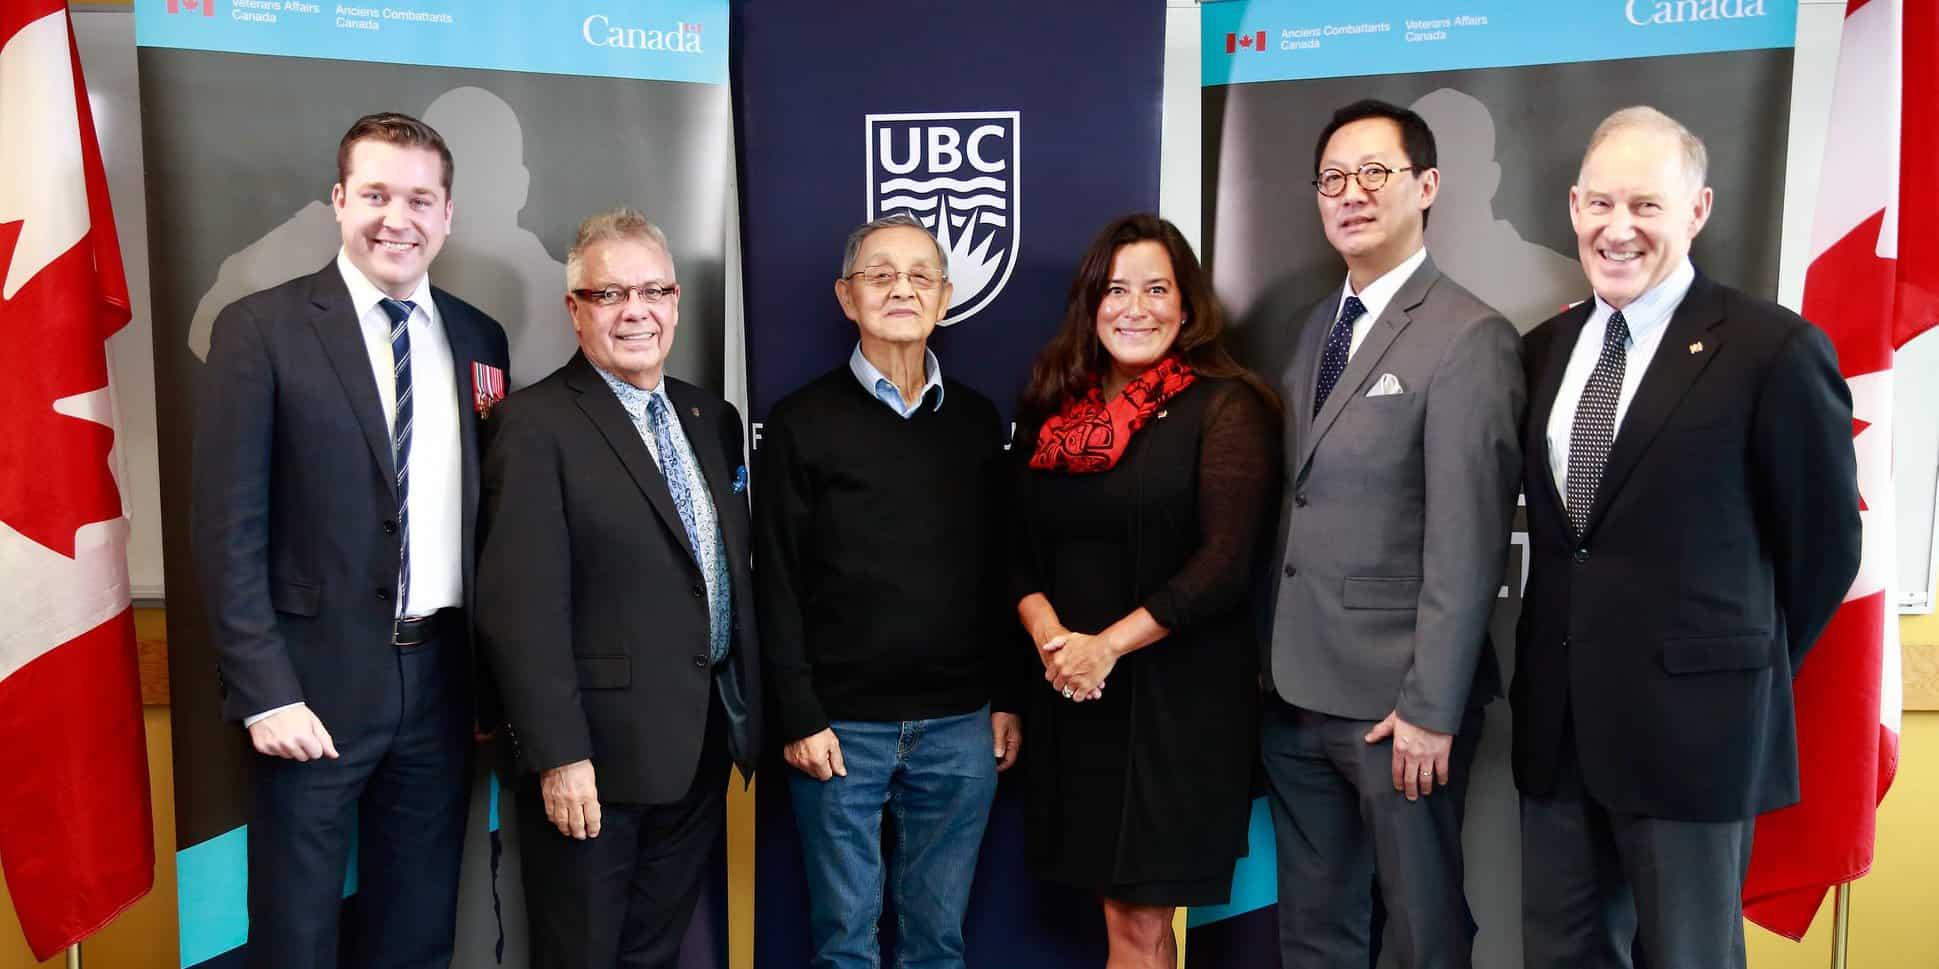 Veterans Affairs Canada at UBC